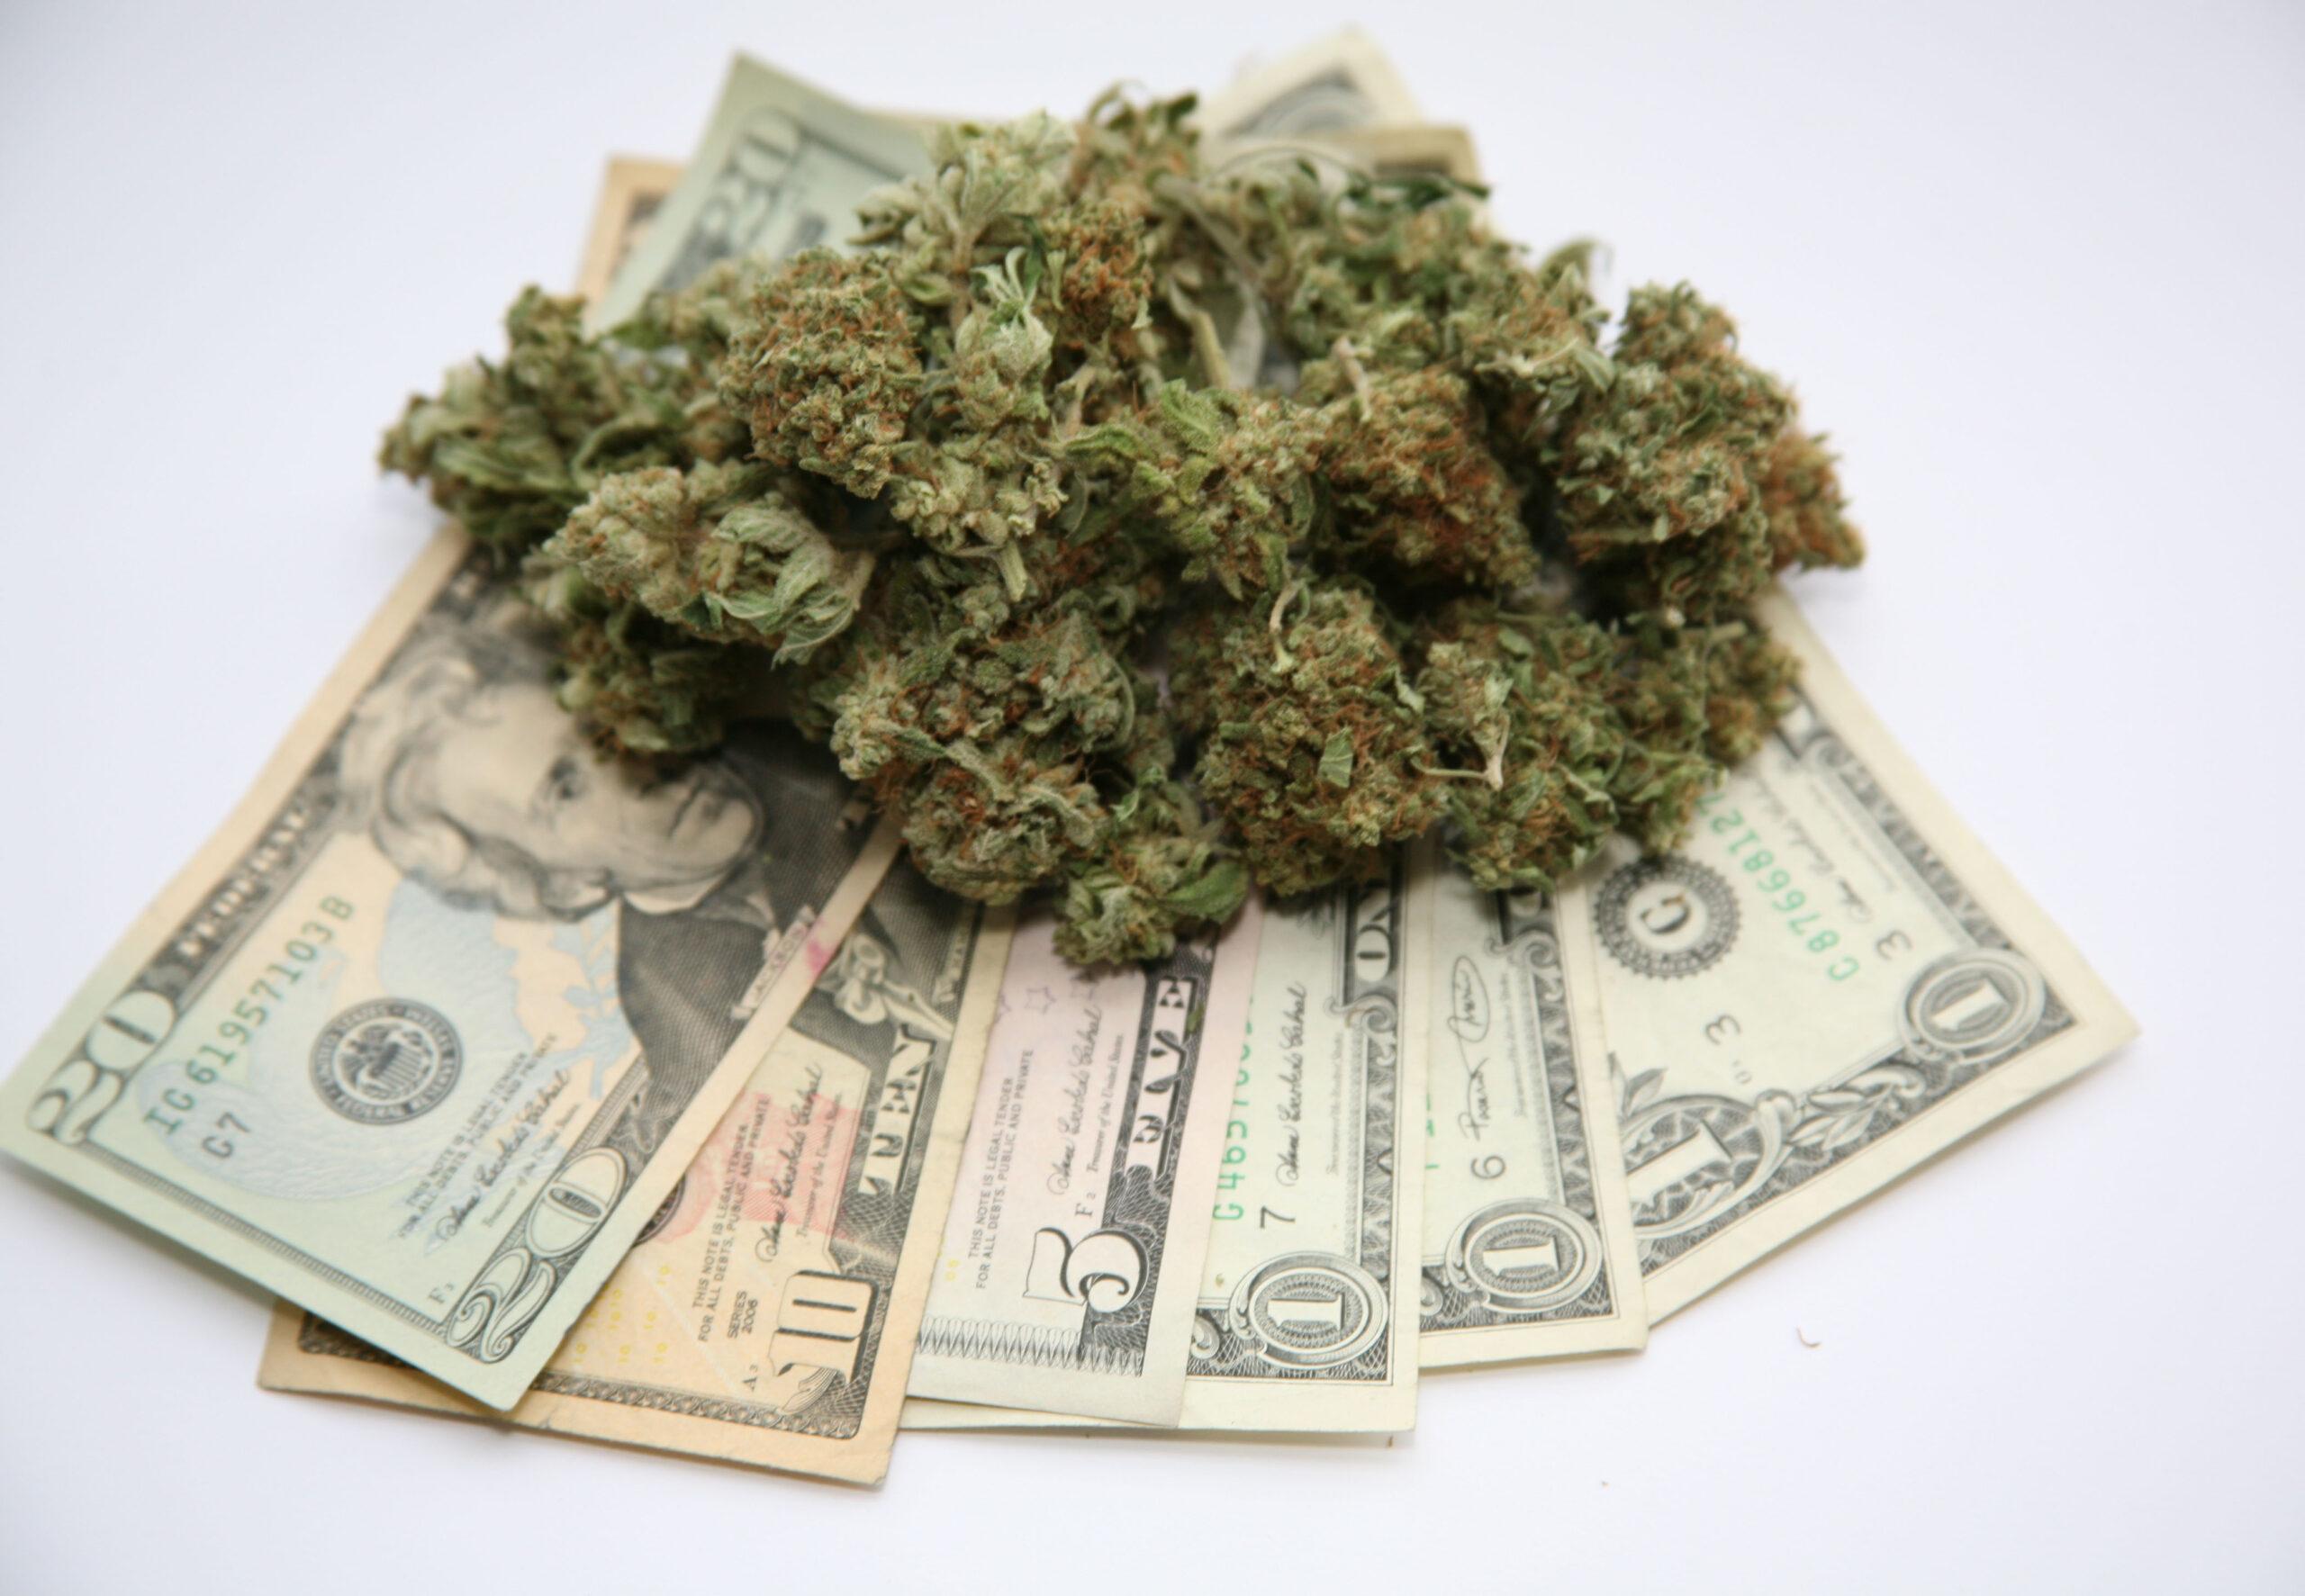 Cannabis News February 2020